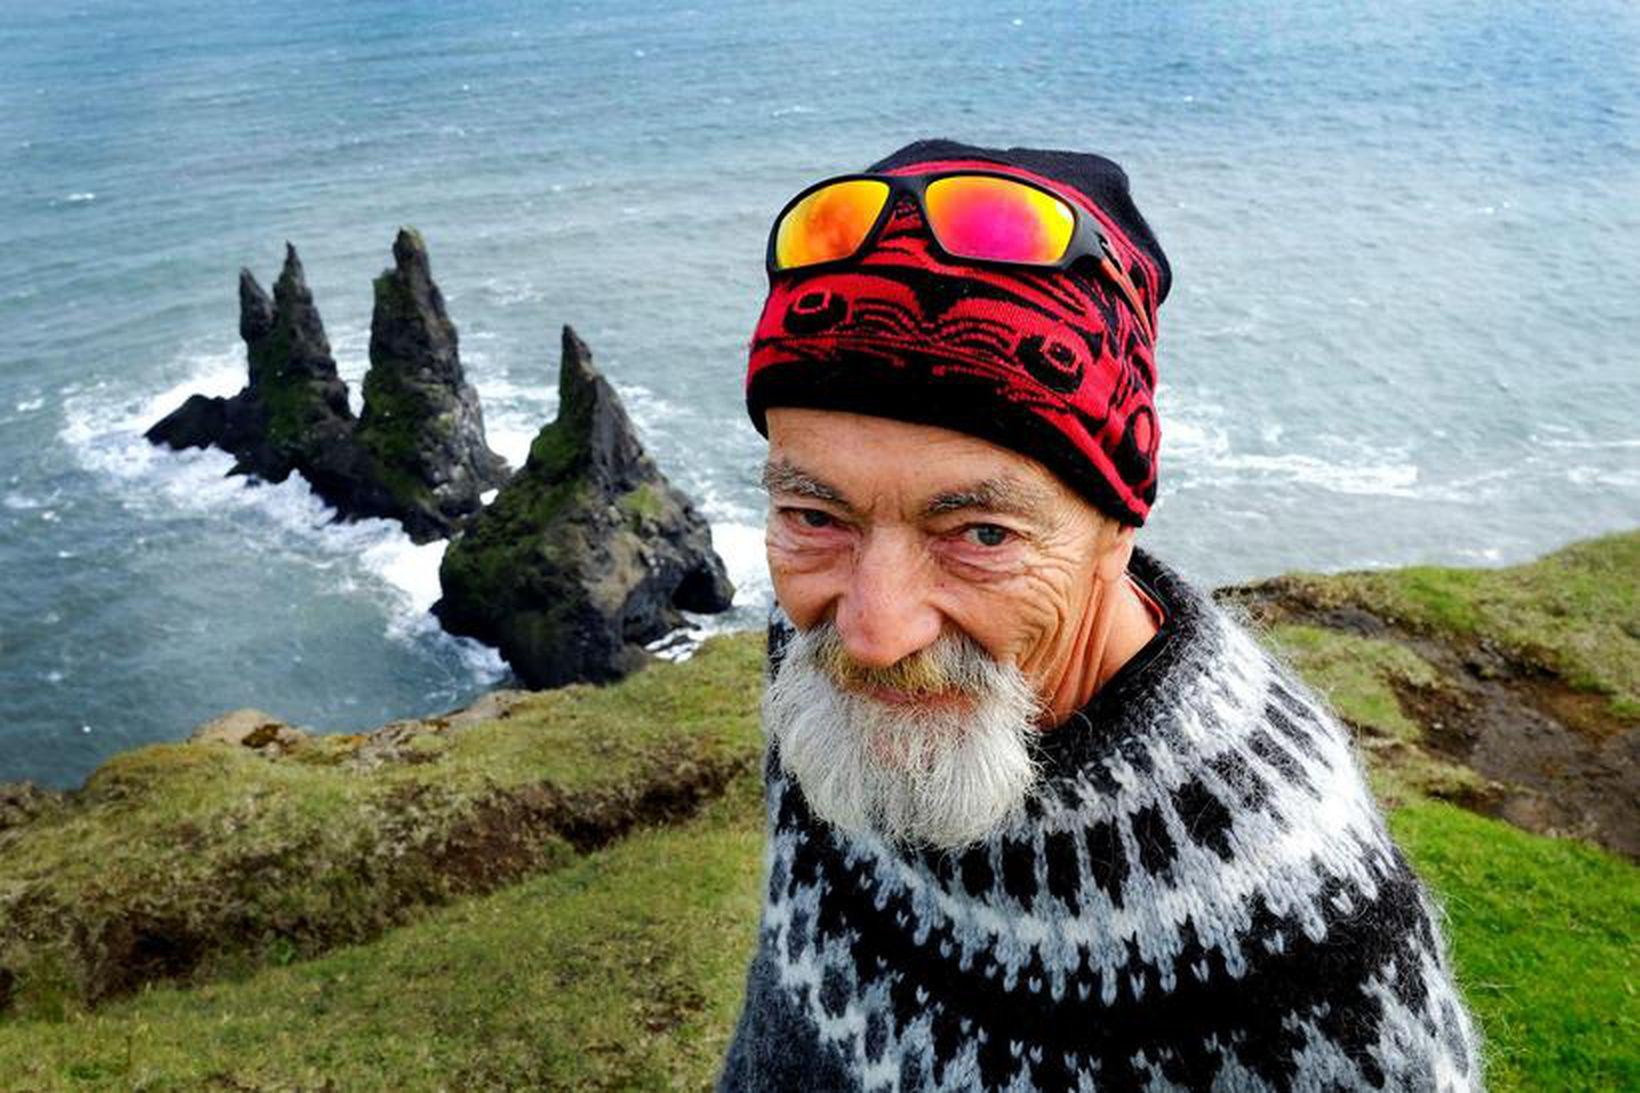 Grampa Dave var sannkallaður ævintýramaður og fór víða til að …